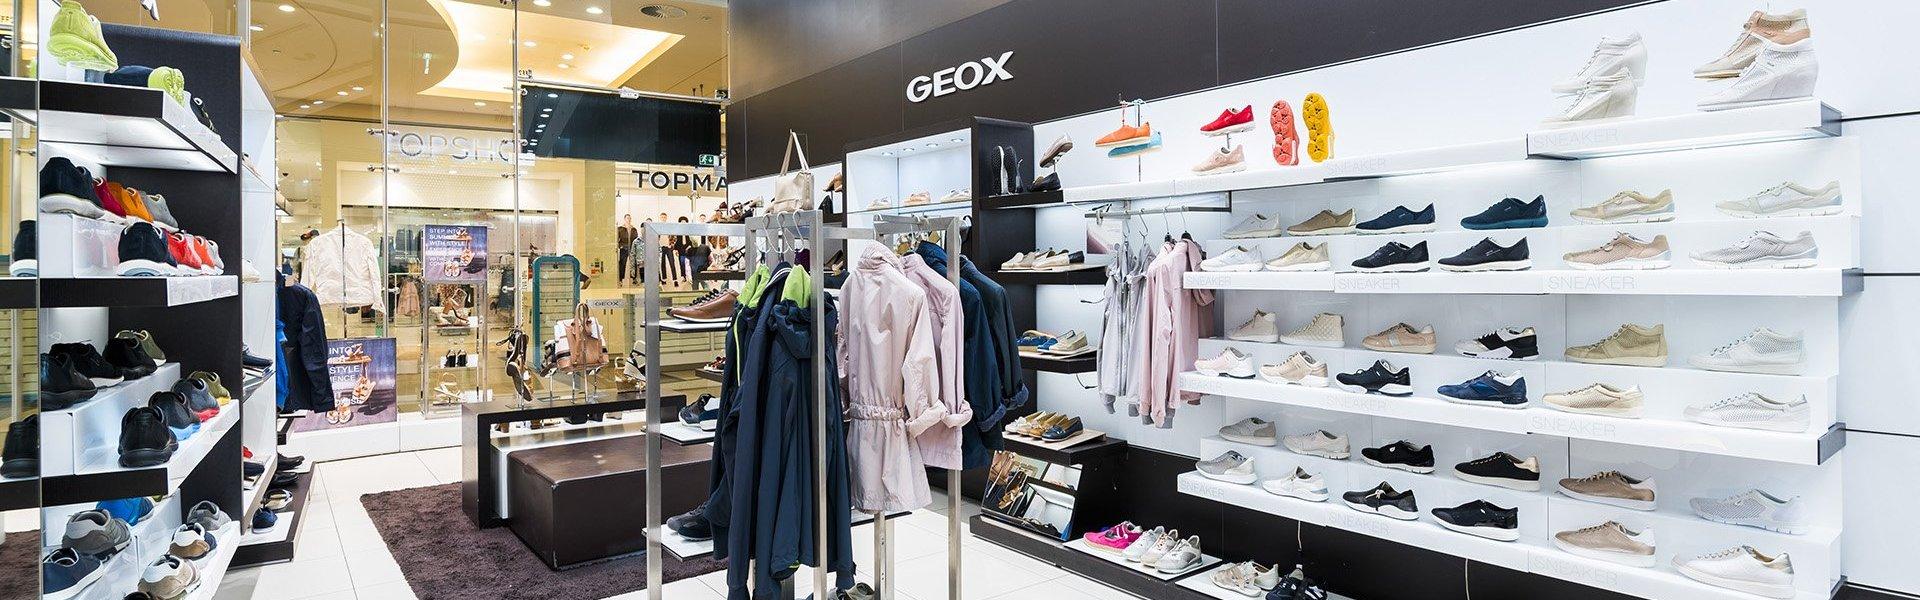 Fabrik authentisch Kauf echt rationelle Konstruktion GEOX   PALLADIUM Praha